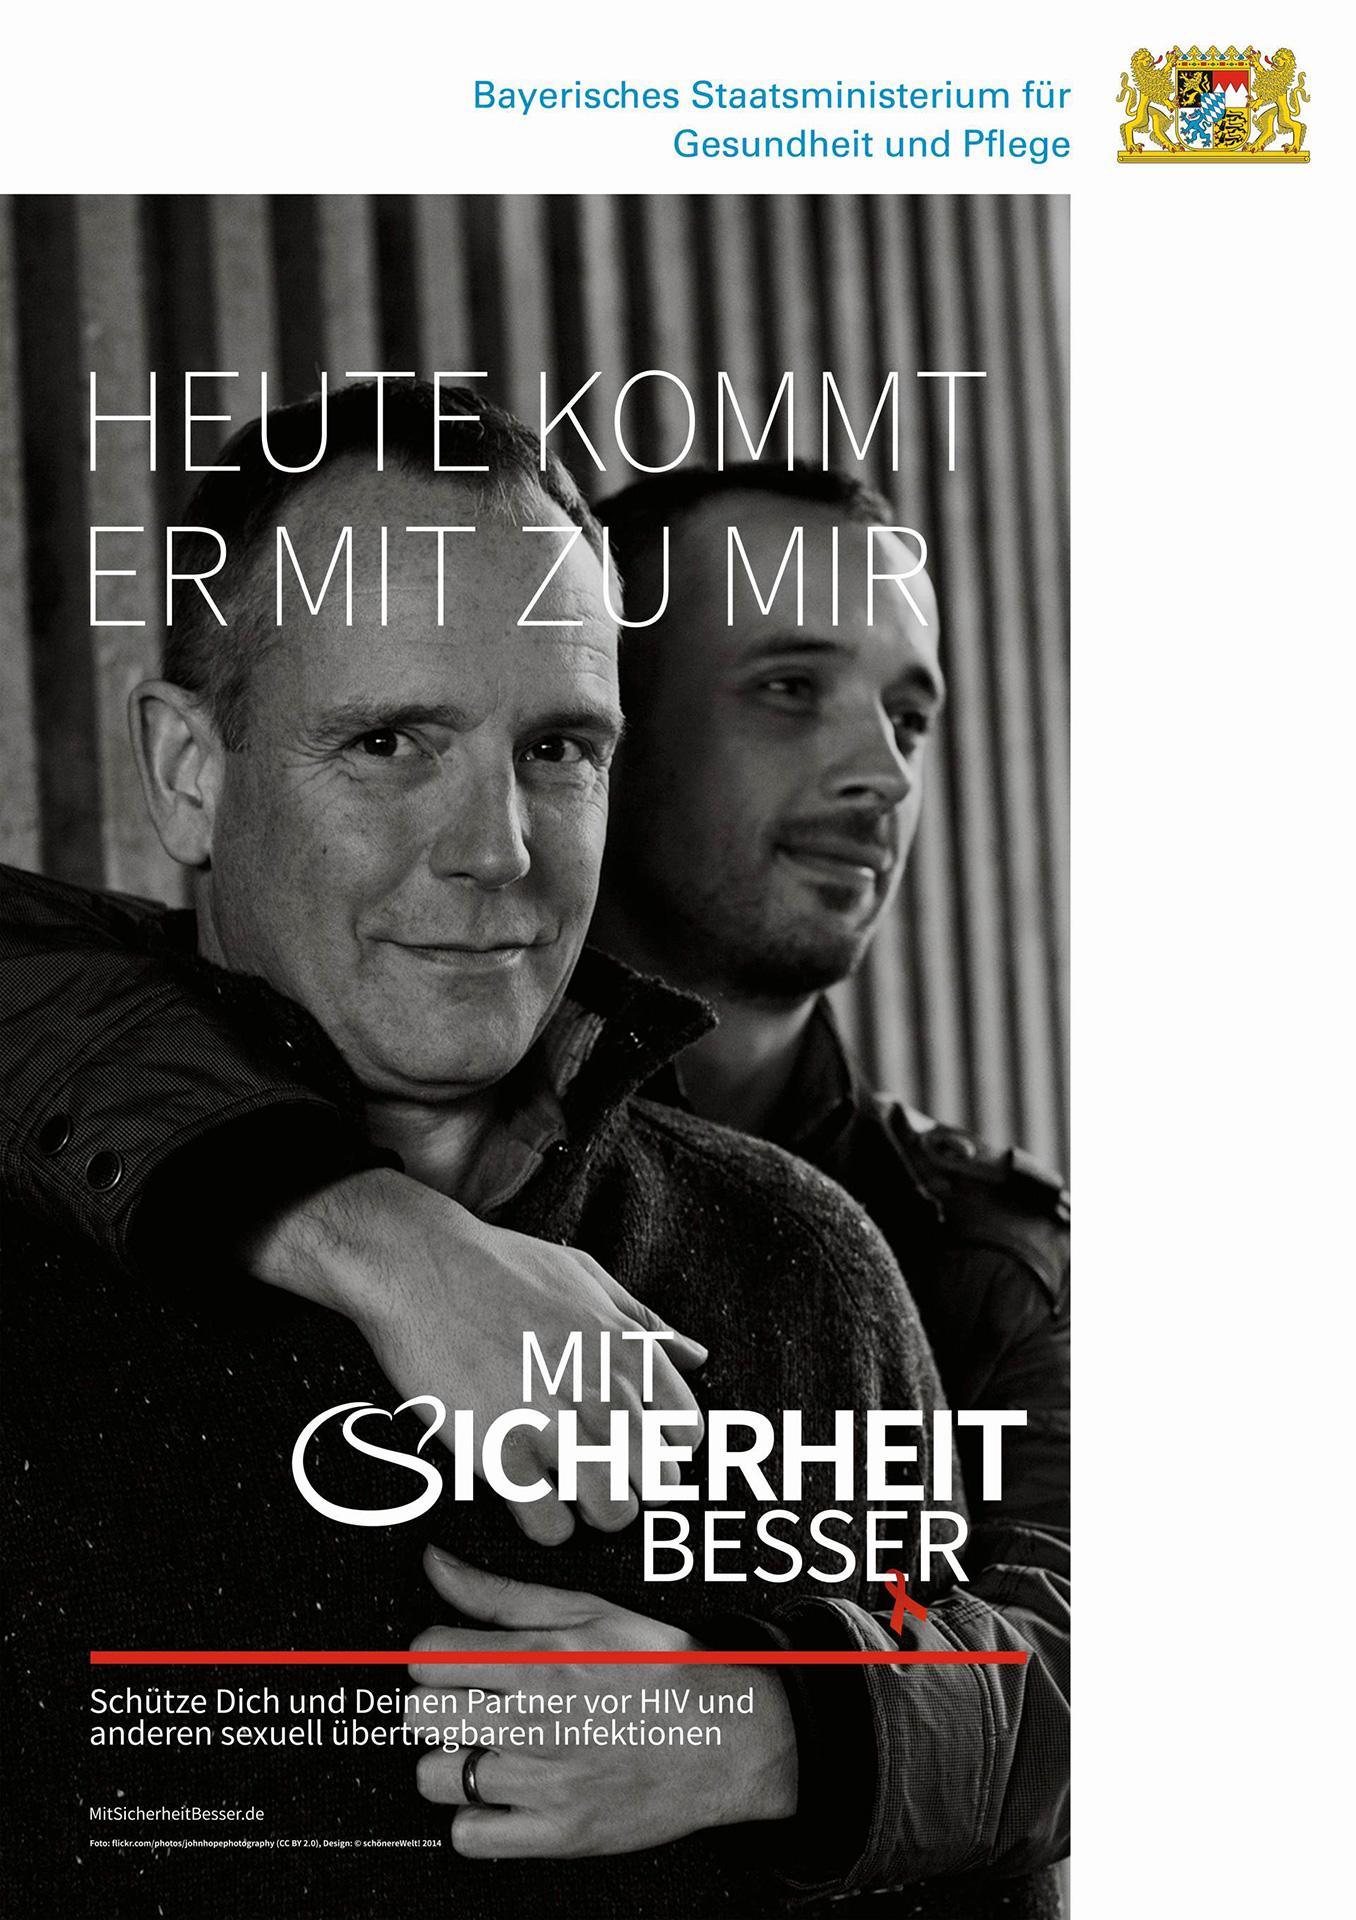 Mit-Sicherheit-Besser-A3-Poster-Gay-Couple-1356x1920px